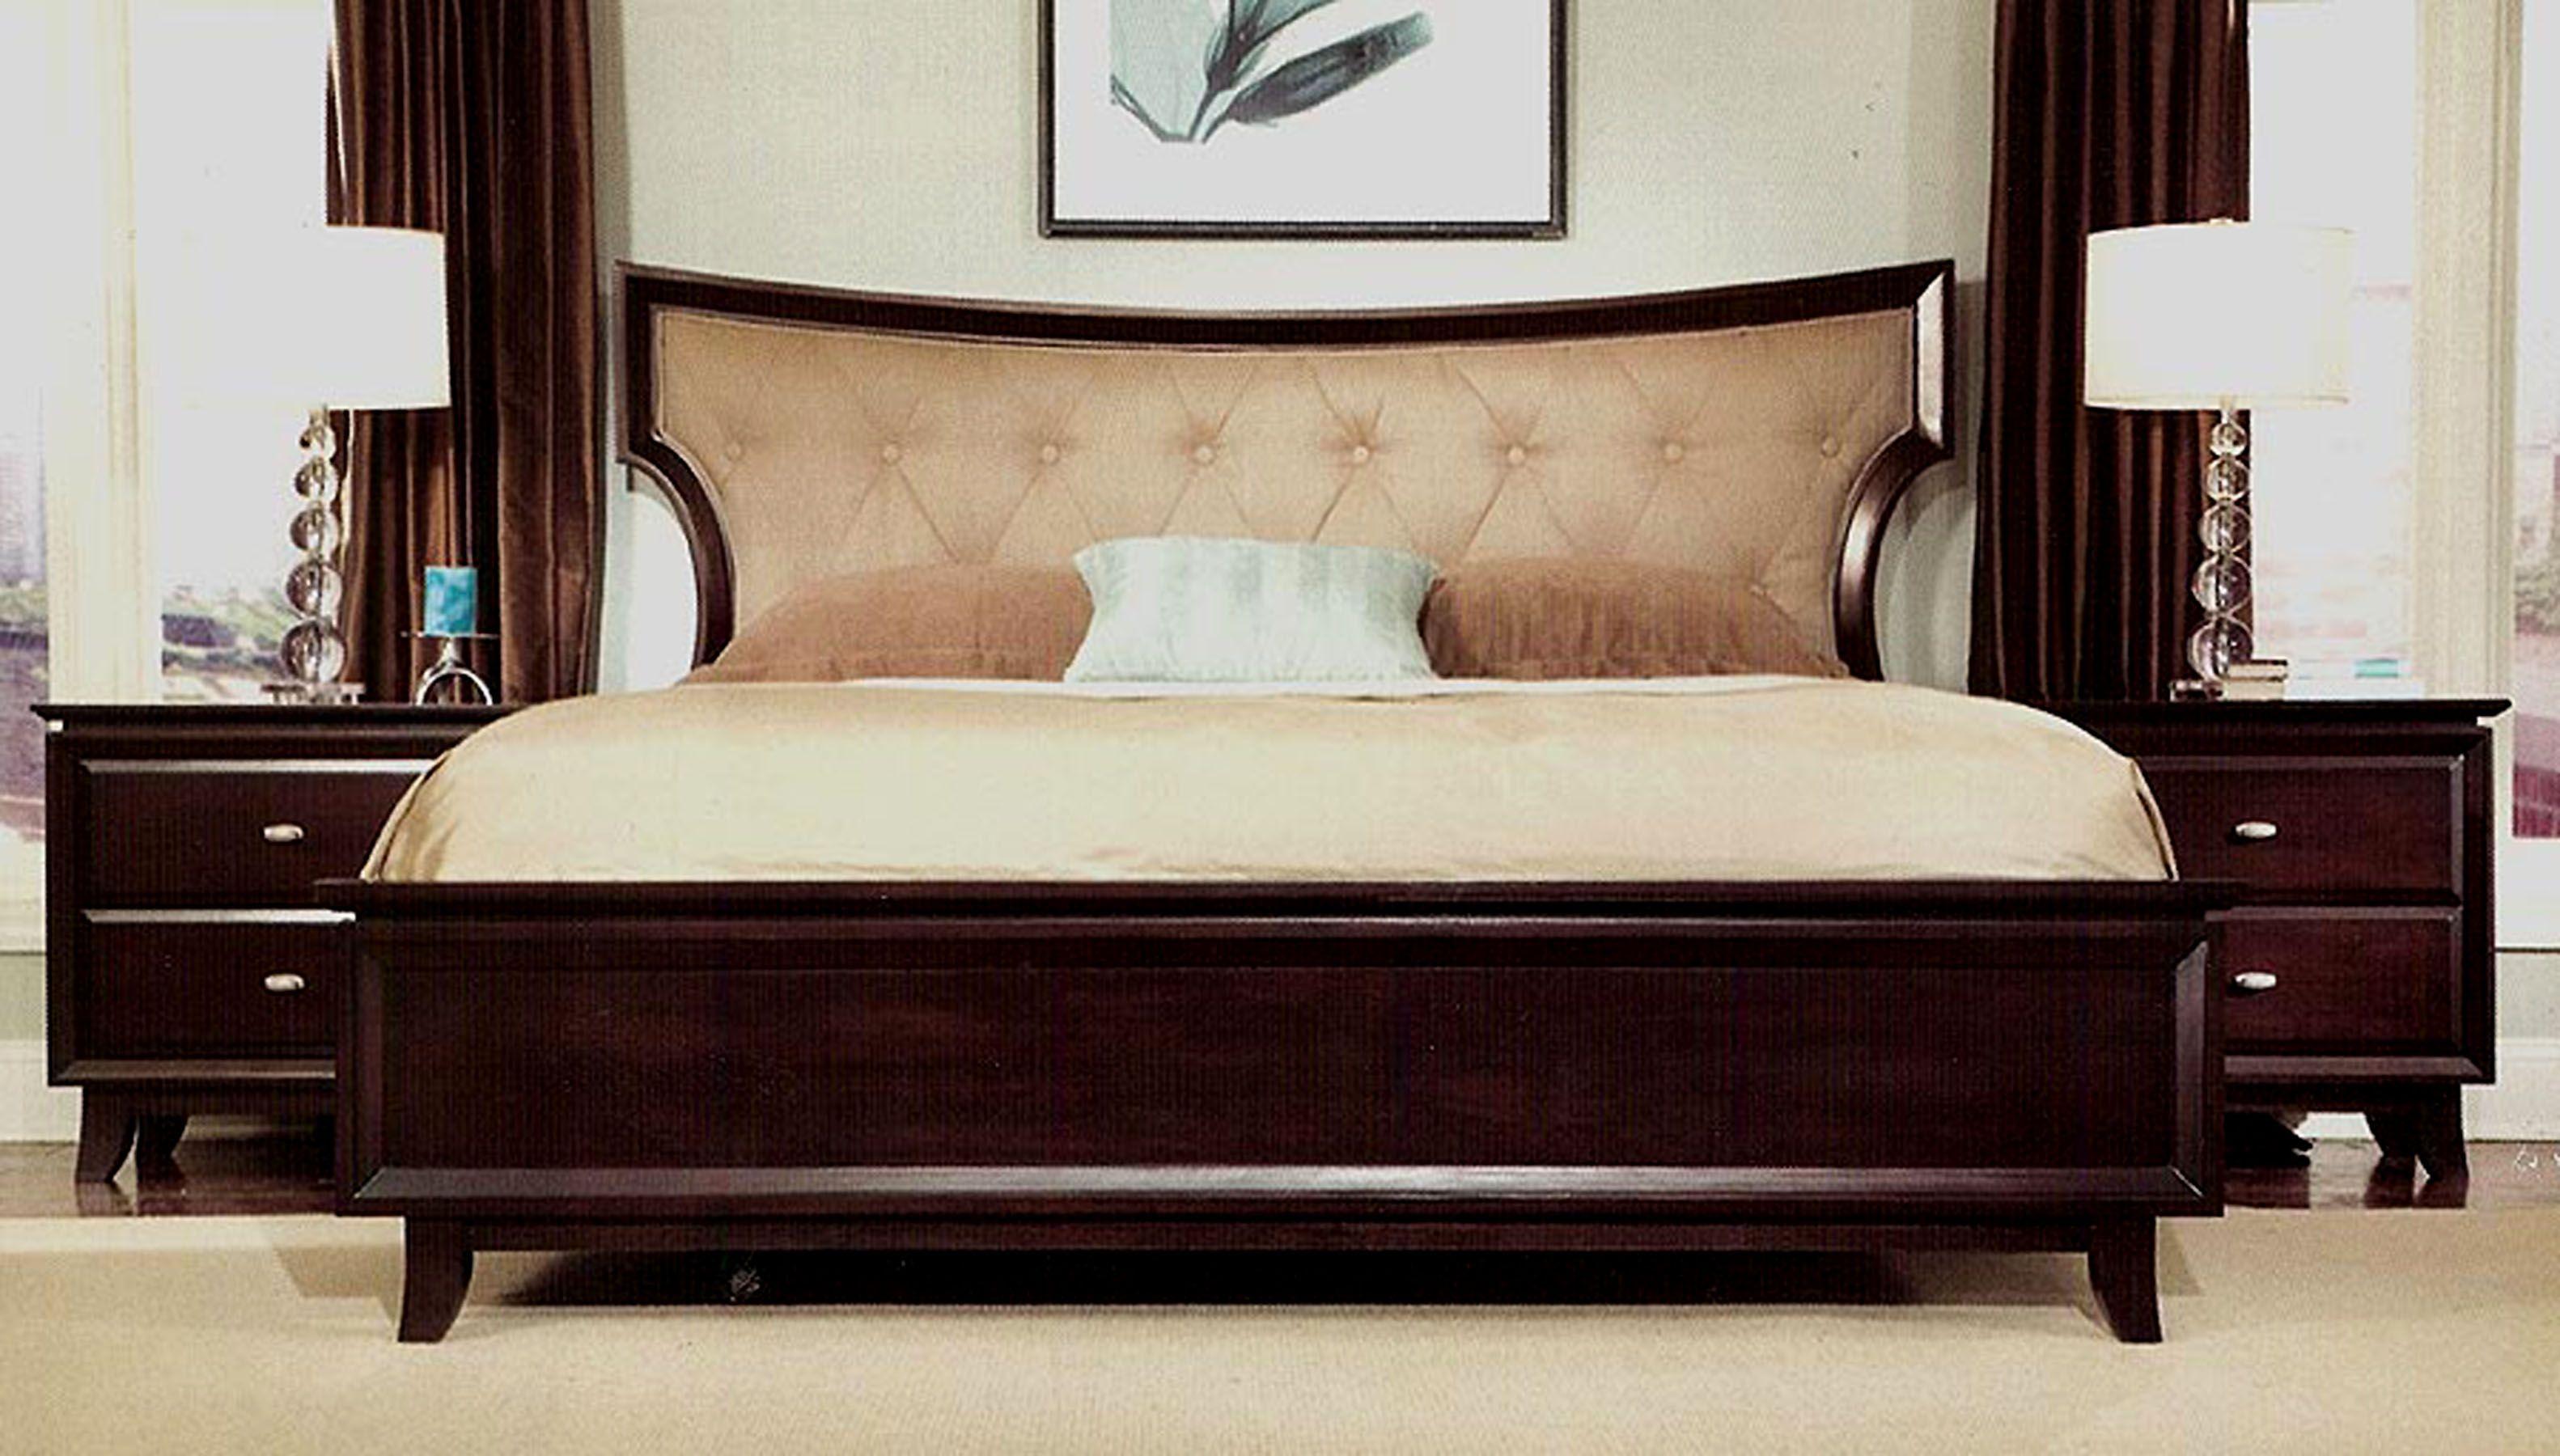 I'd love a bedroom big enough to comfortably fit a